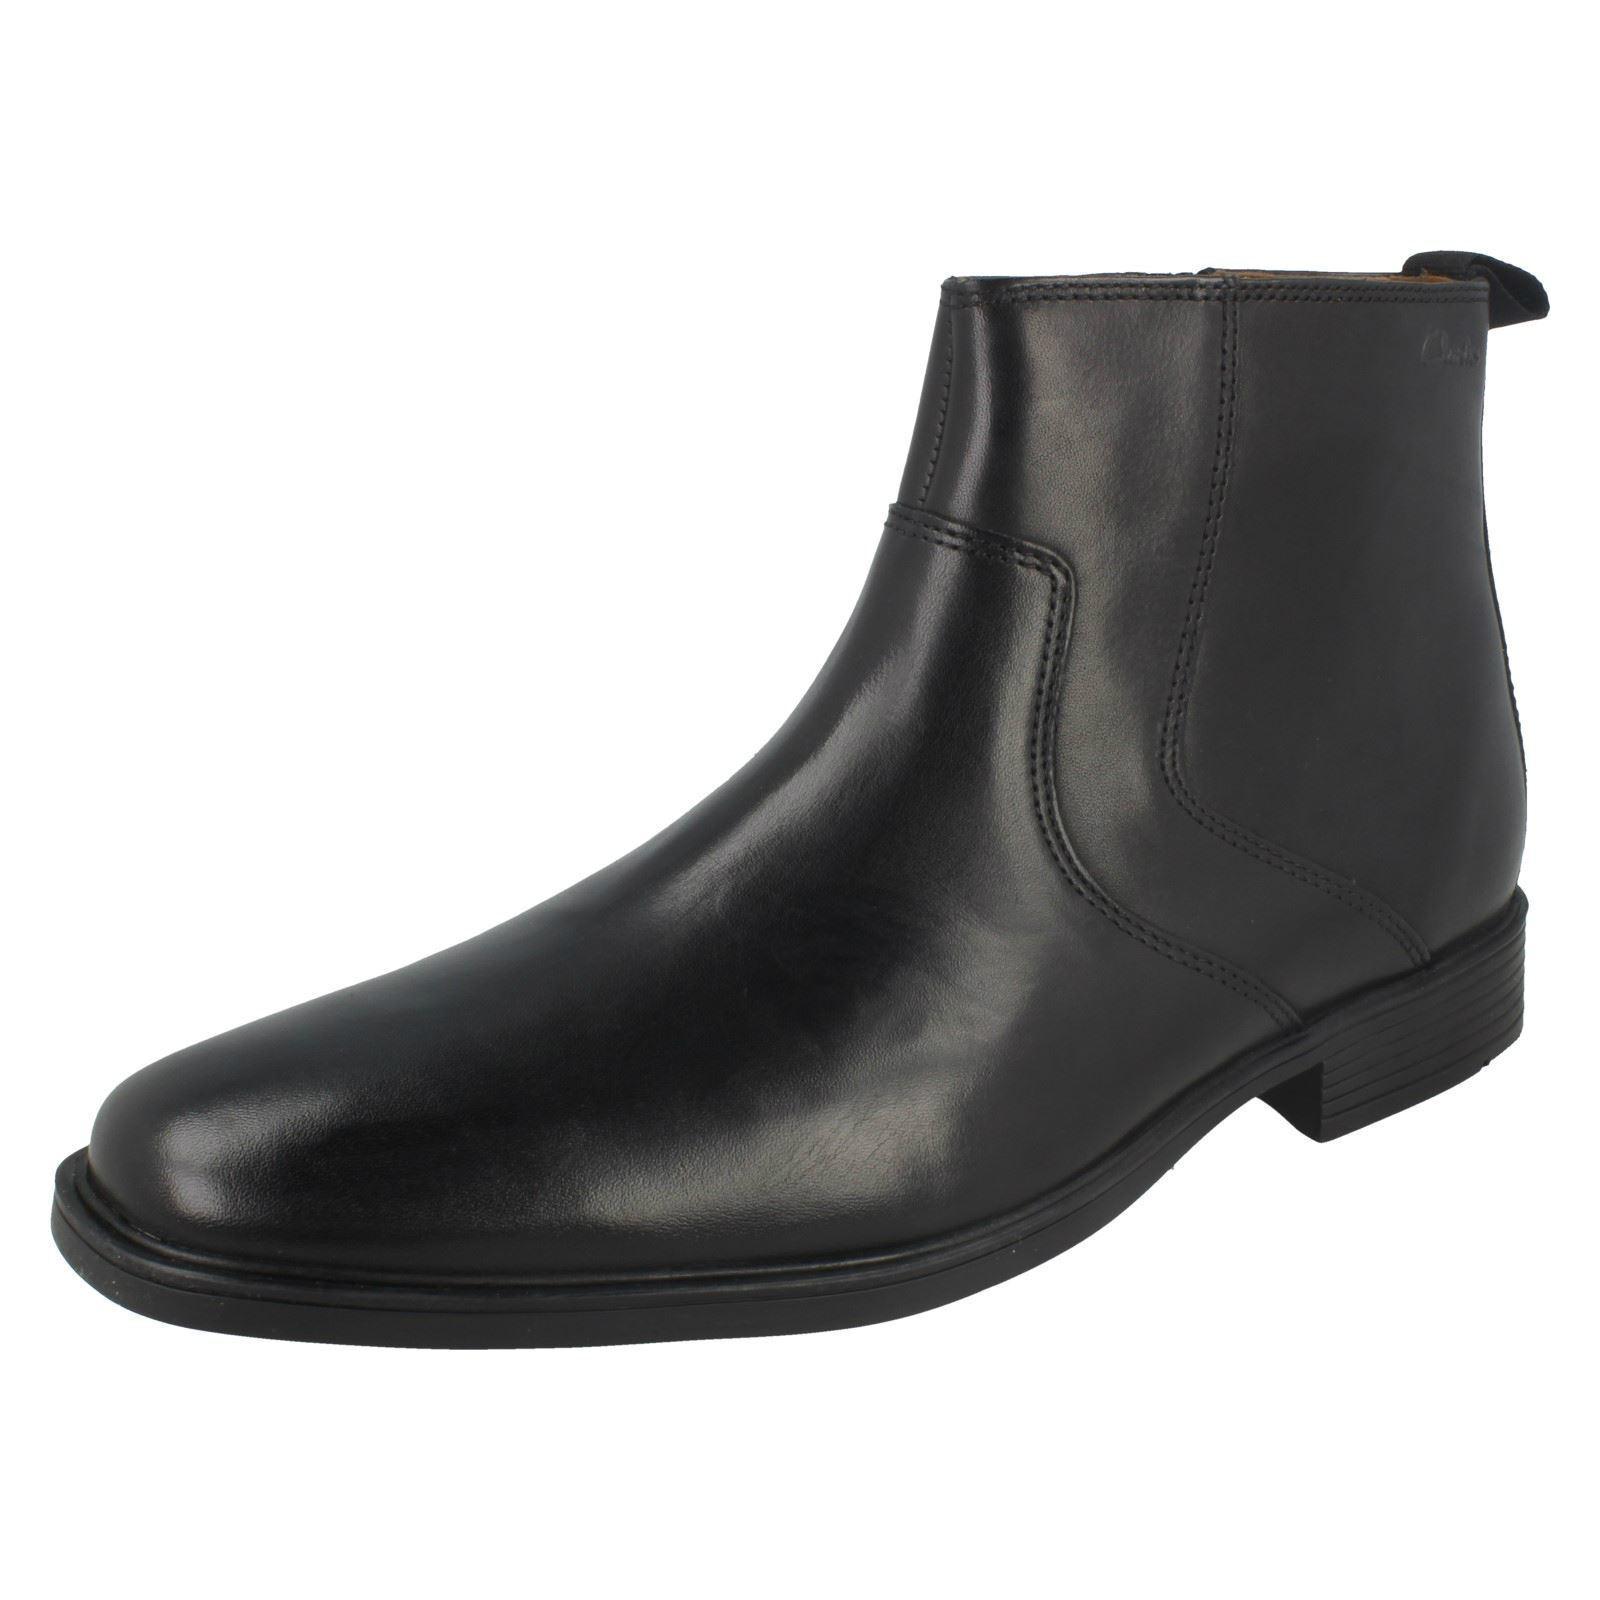 Mens Clarks Ankle Stiefel 'Tilden Zip'   | Ich kann es nicht ablegen